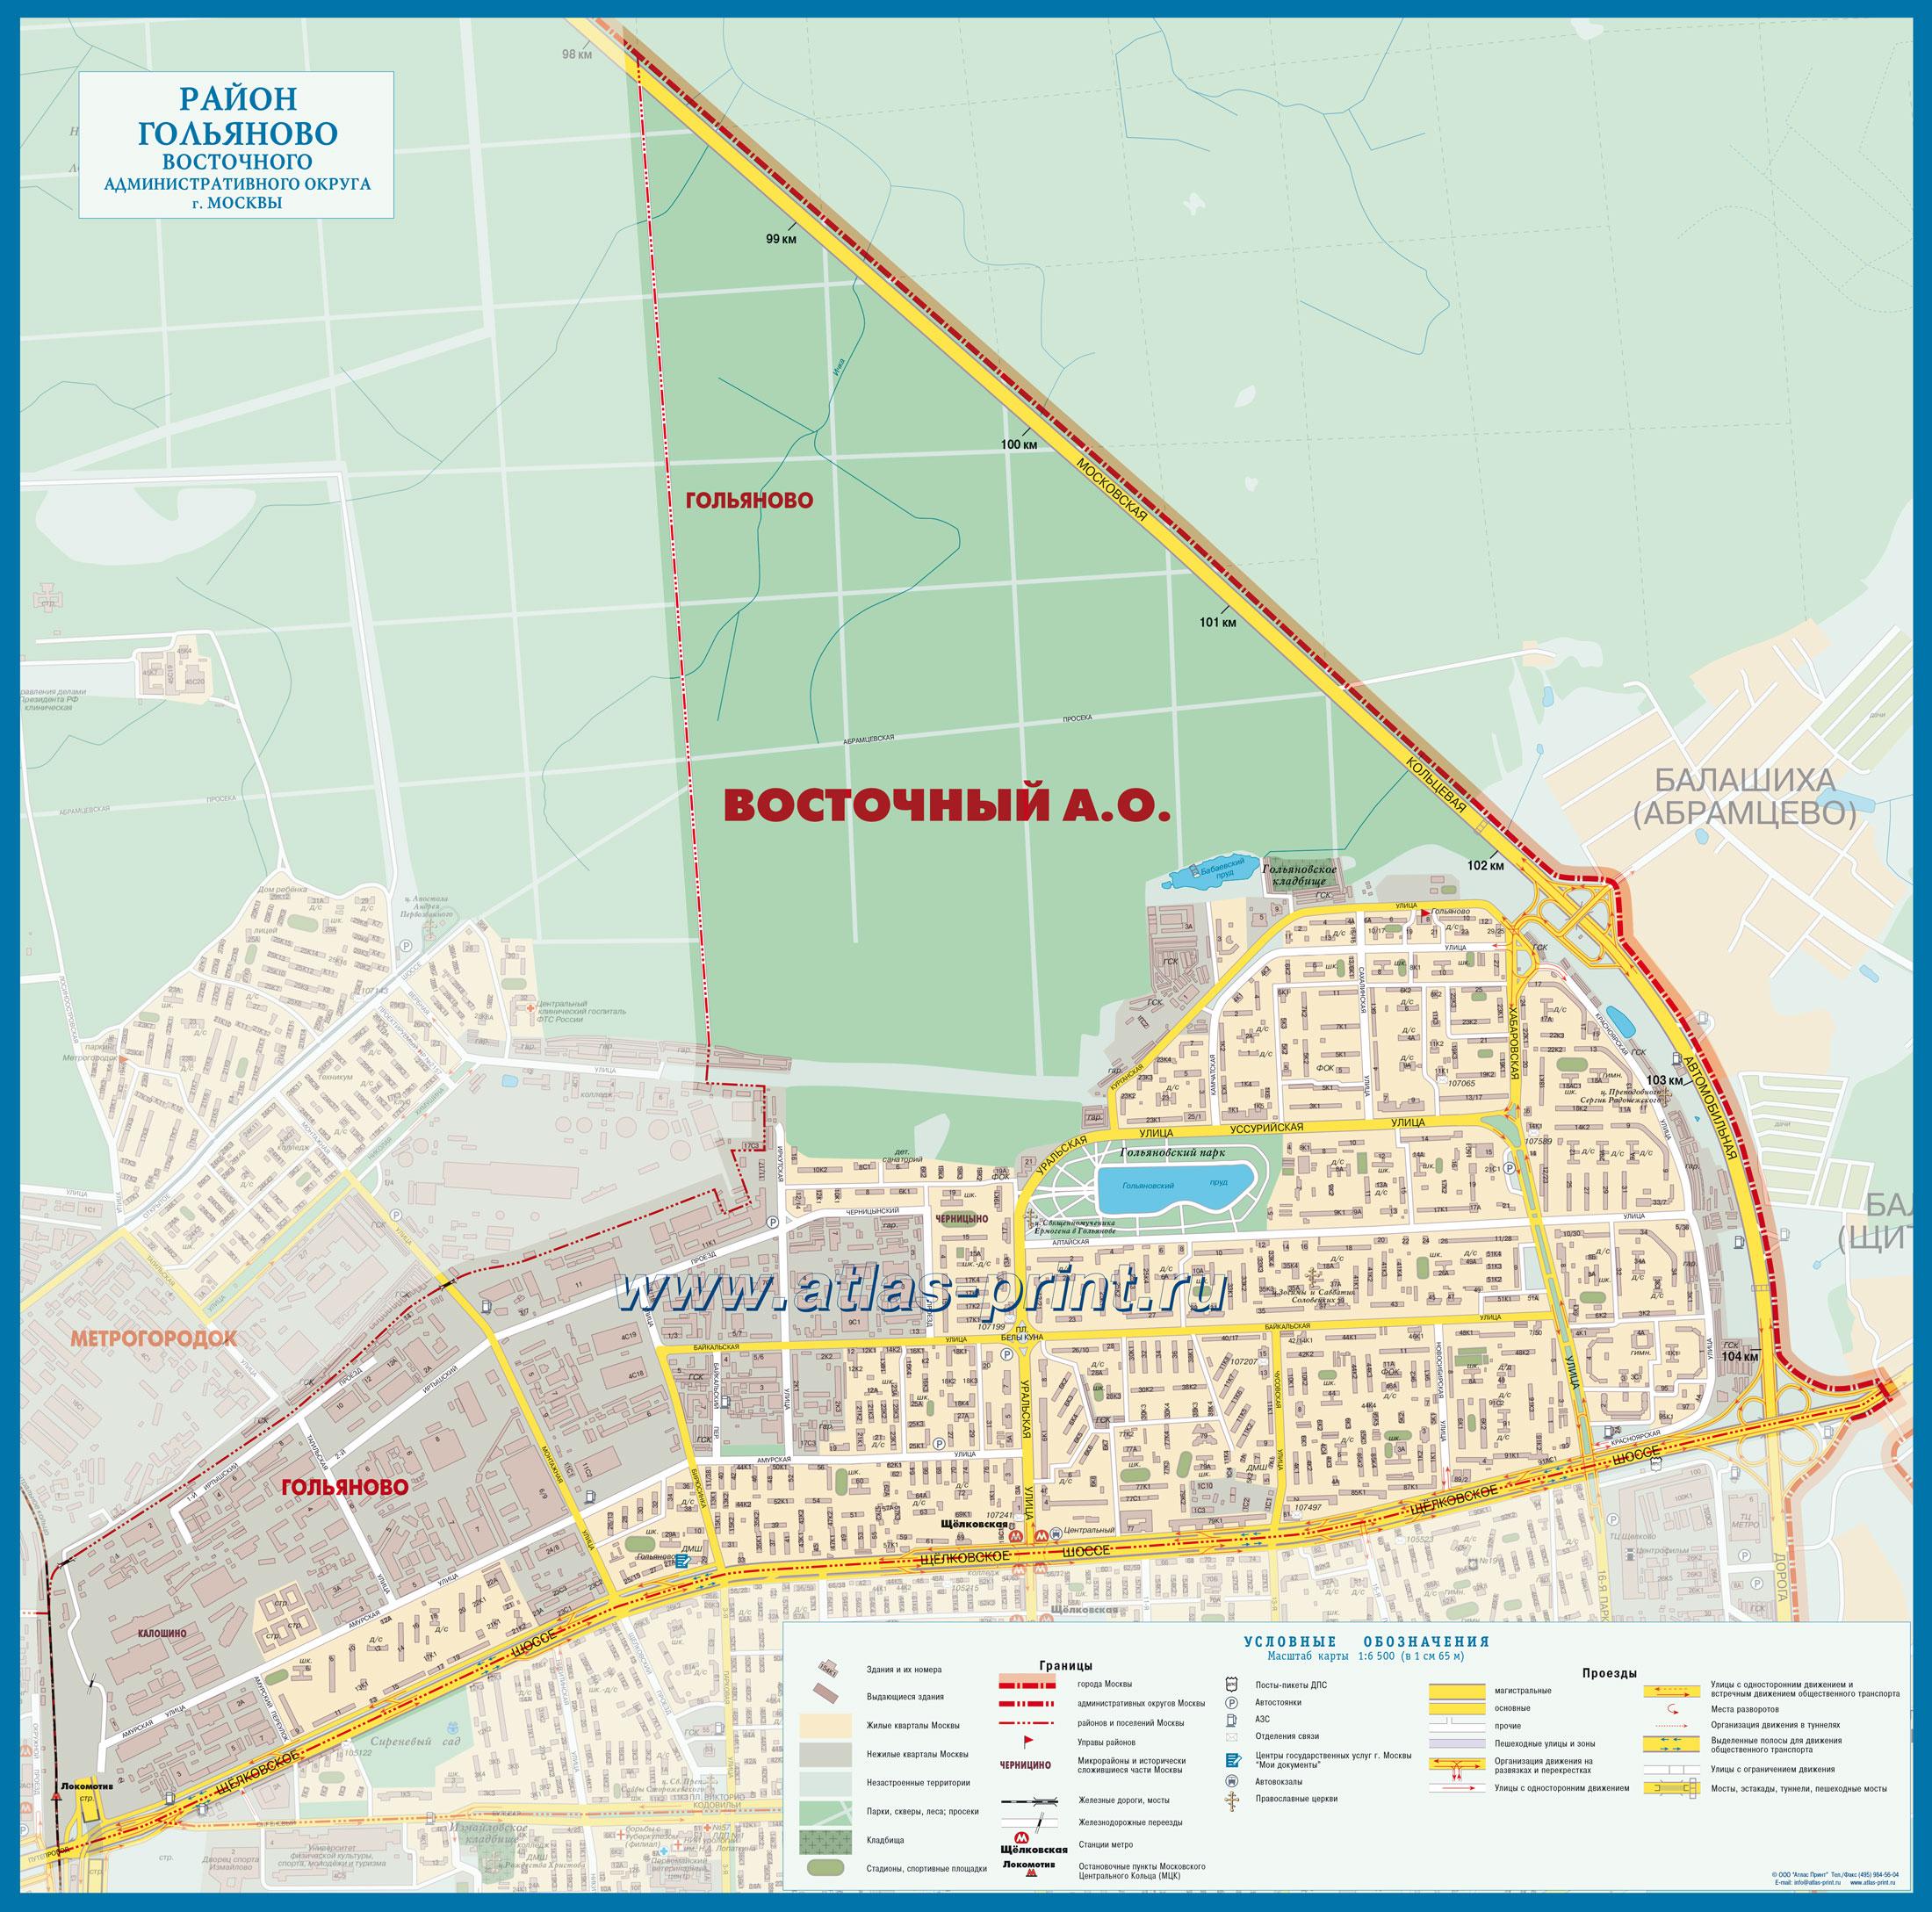 Настенная карта района ГОЛЬЯНОВО (Восточный административный округ г. Москвы) 1,00*0,90 м, ламинированная